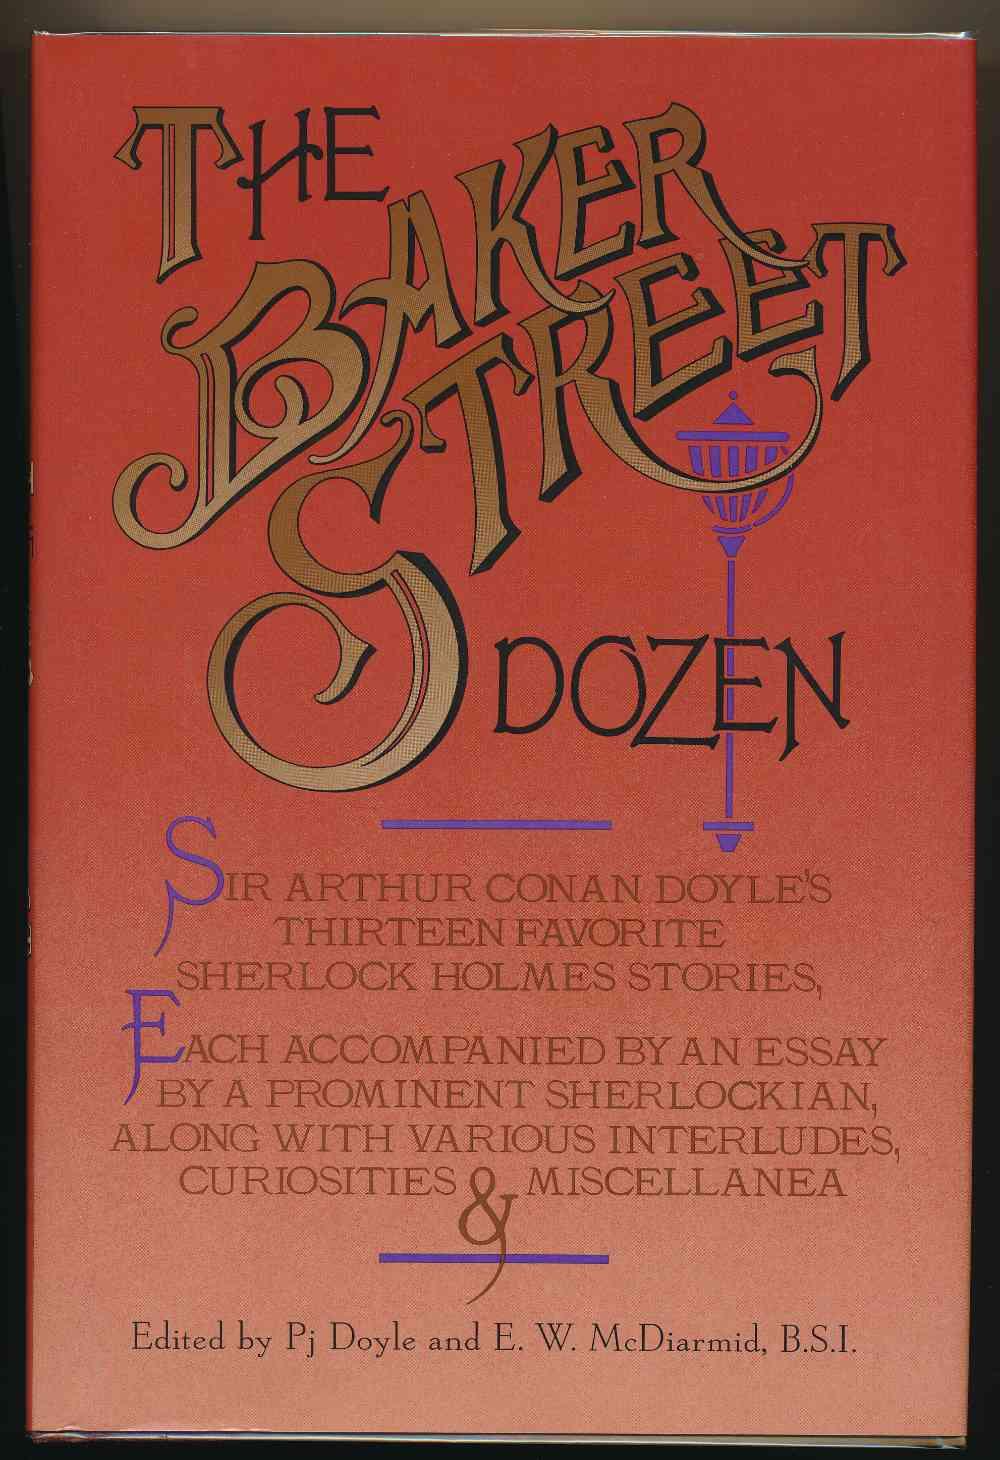 The Baker Street dozen